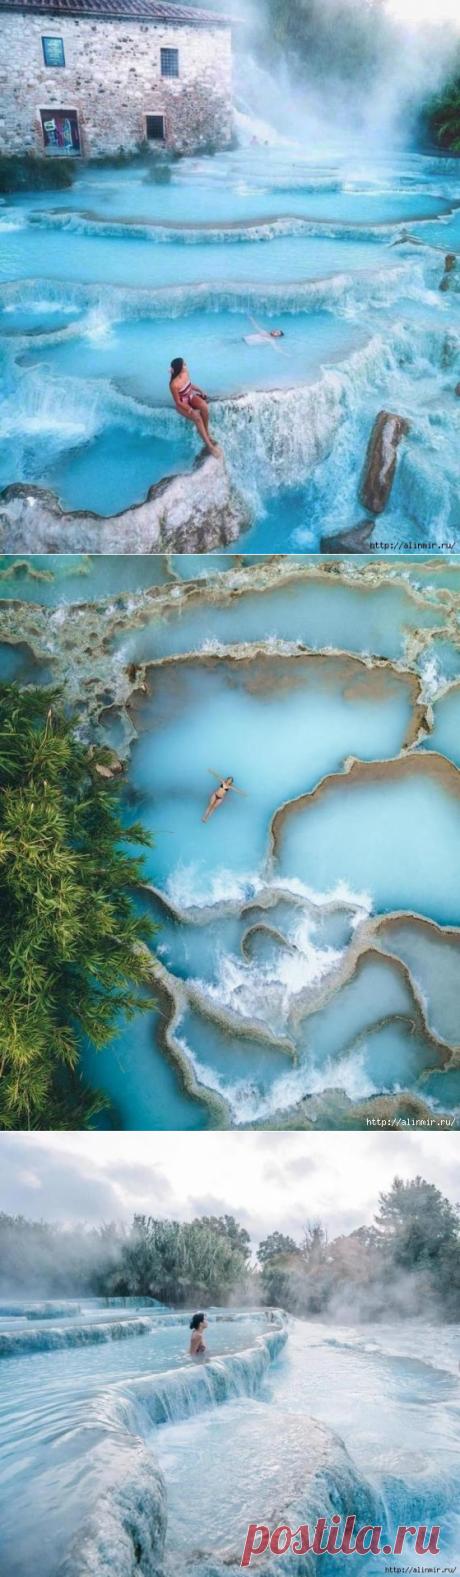 Невероятная красота термов Сатурнии: голубая лагуна, как рай на земле